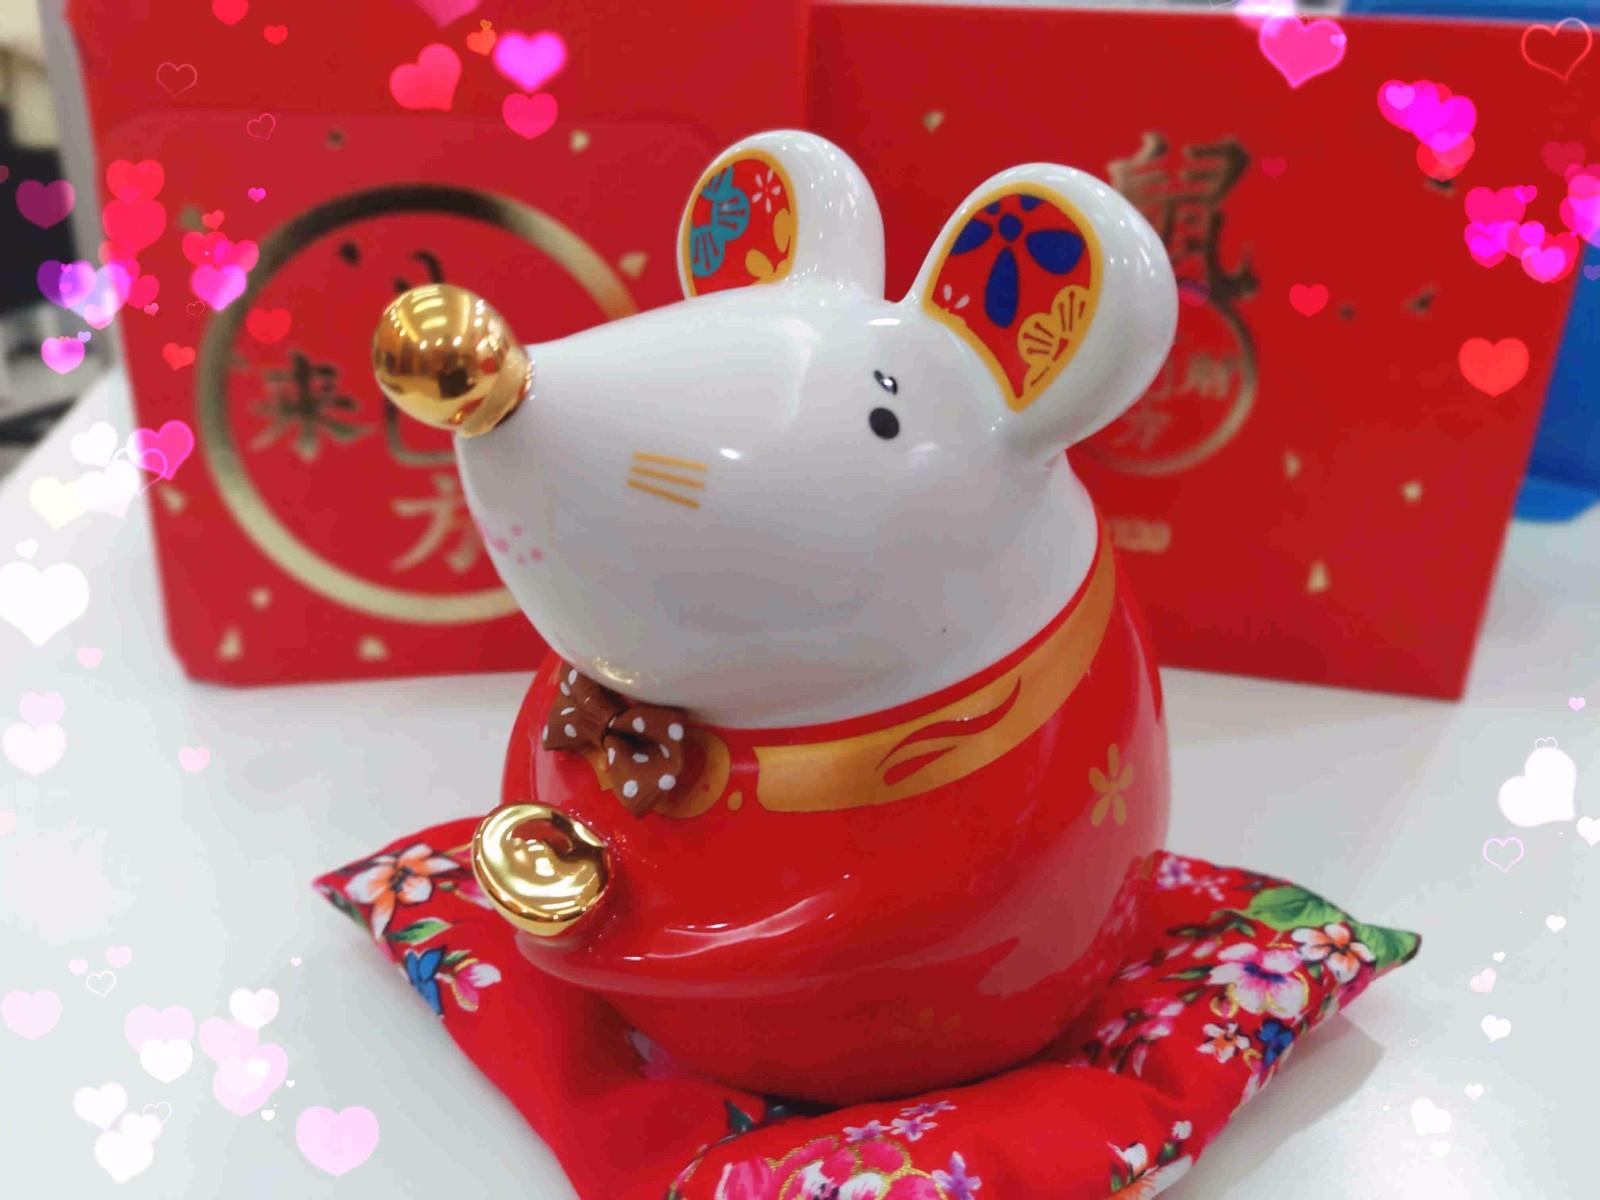 Крыс или мыш? Китайские новости по-русски